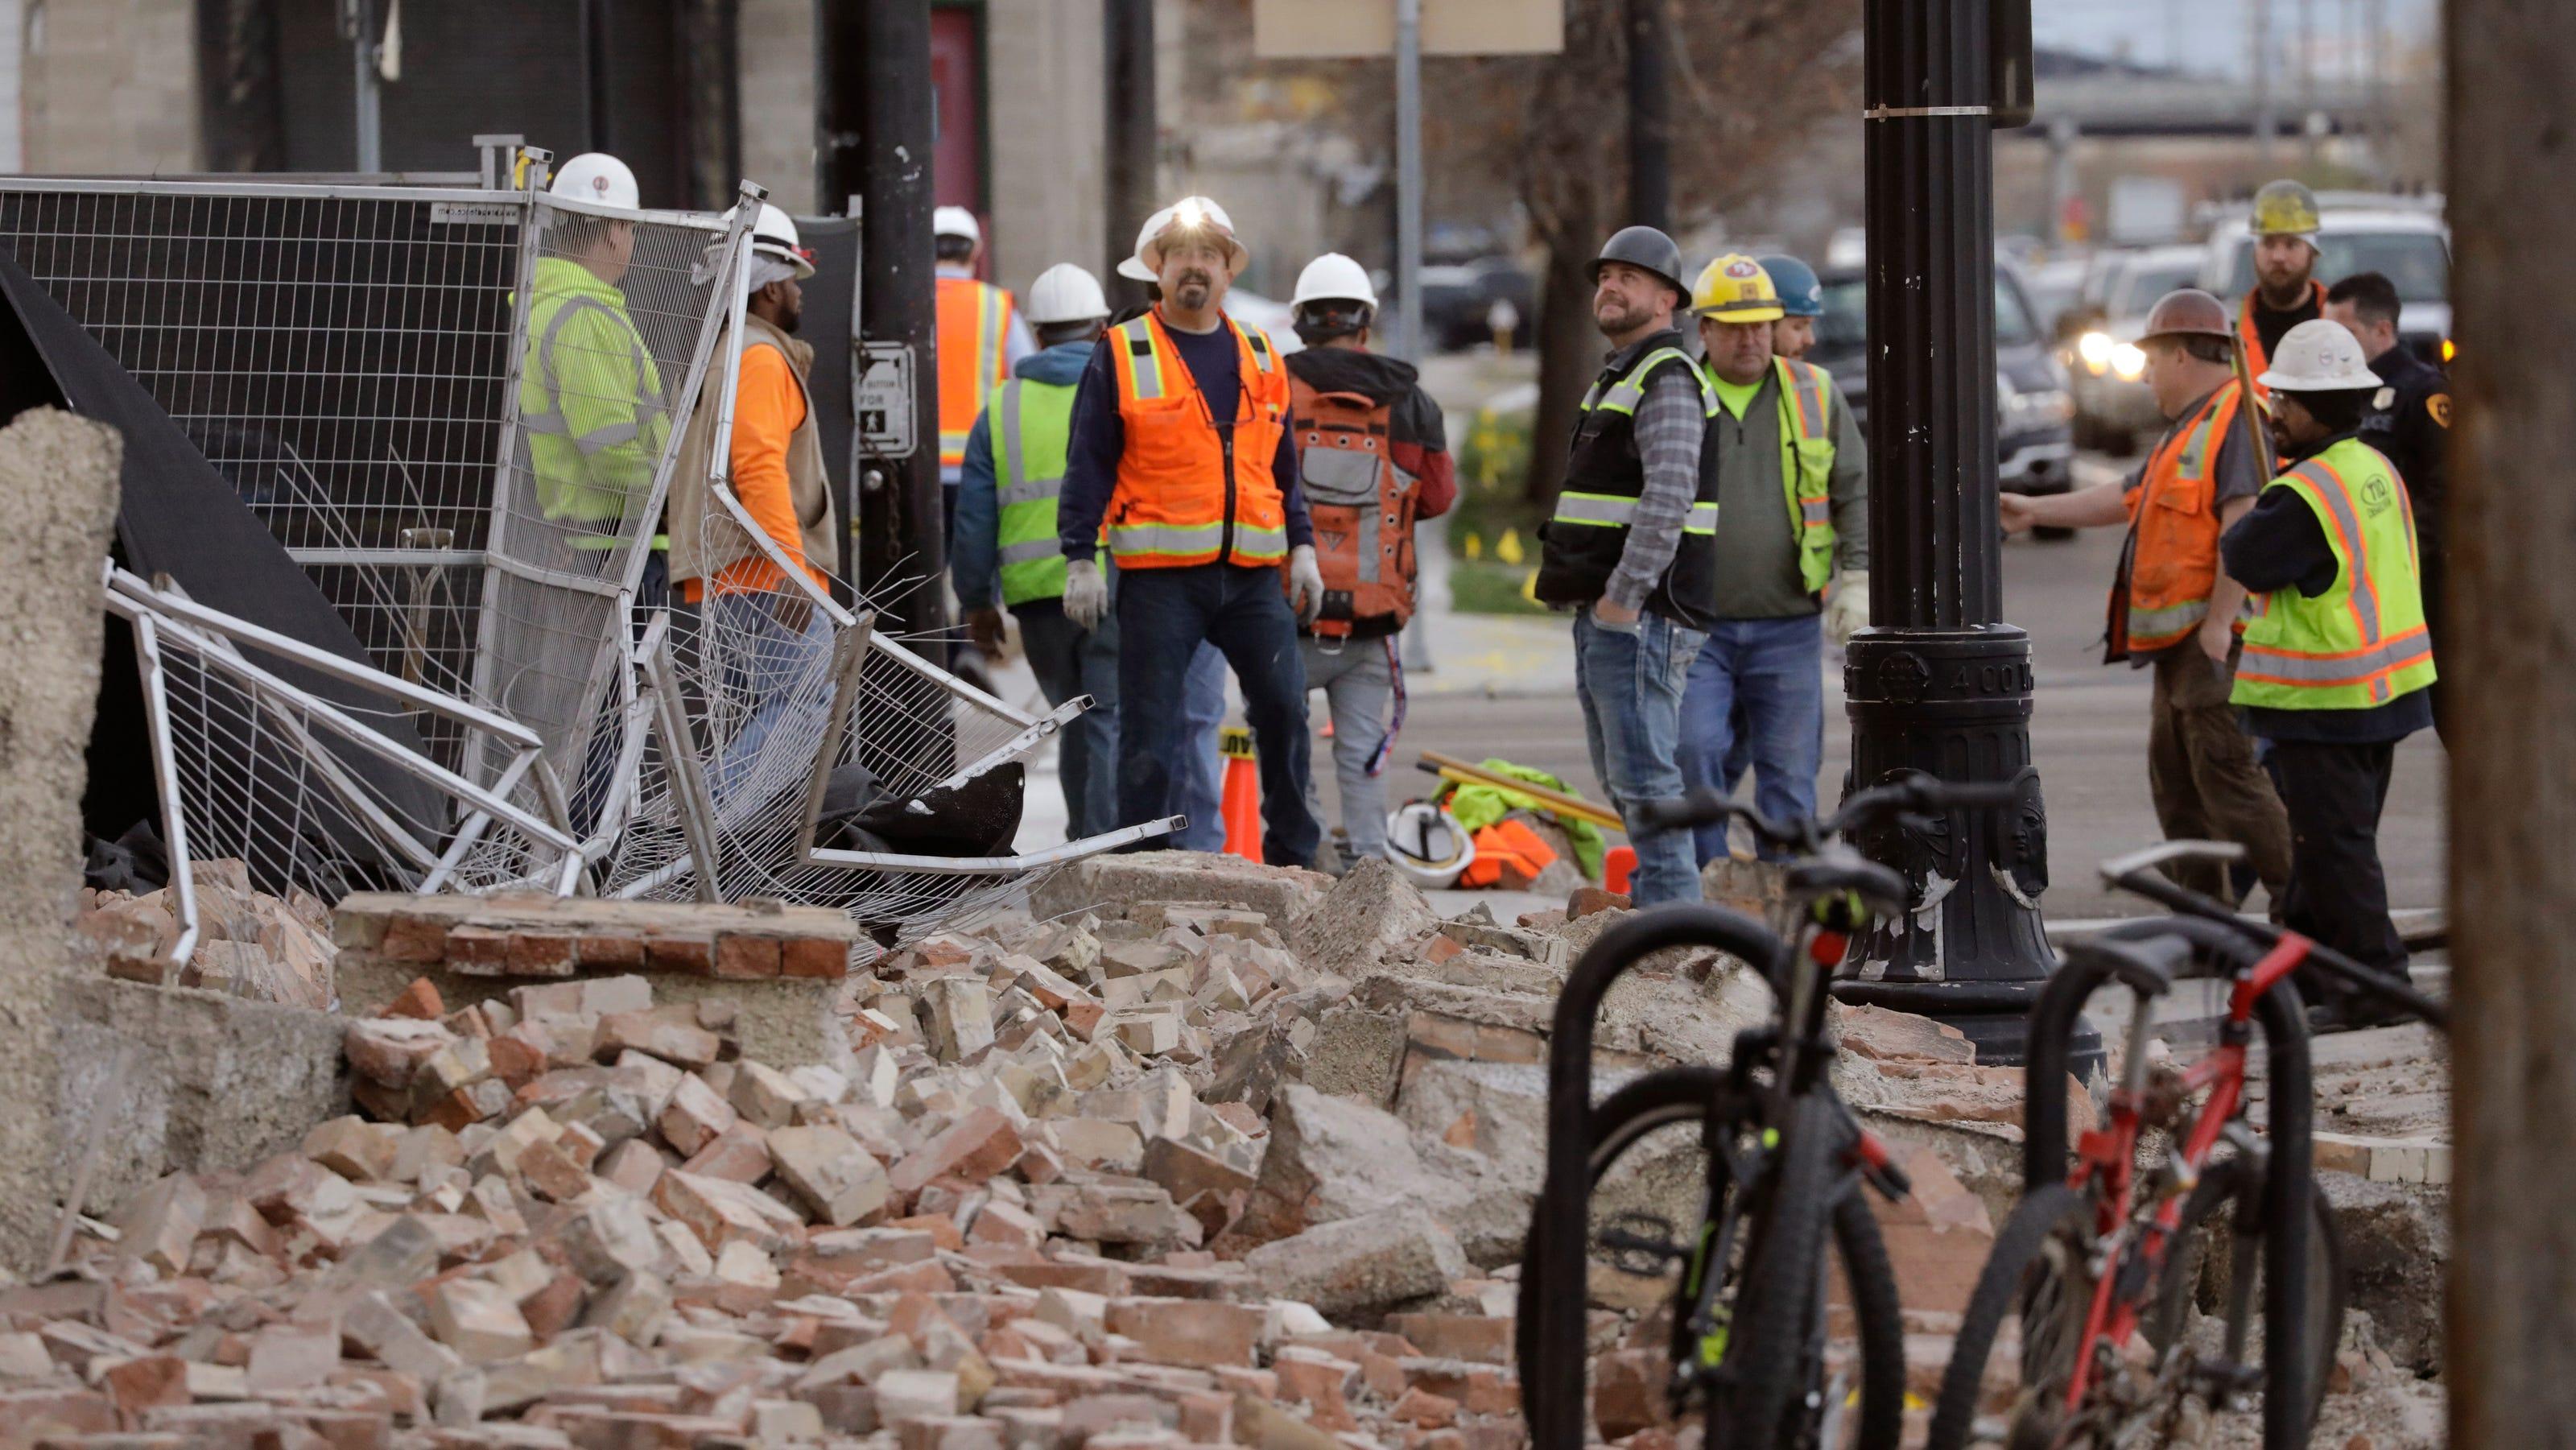 Utah earthquake: 5.7 magnitude earthquake hits Utah